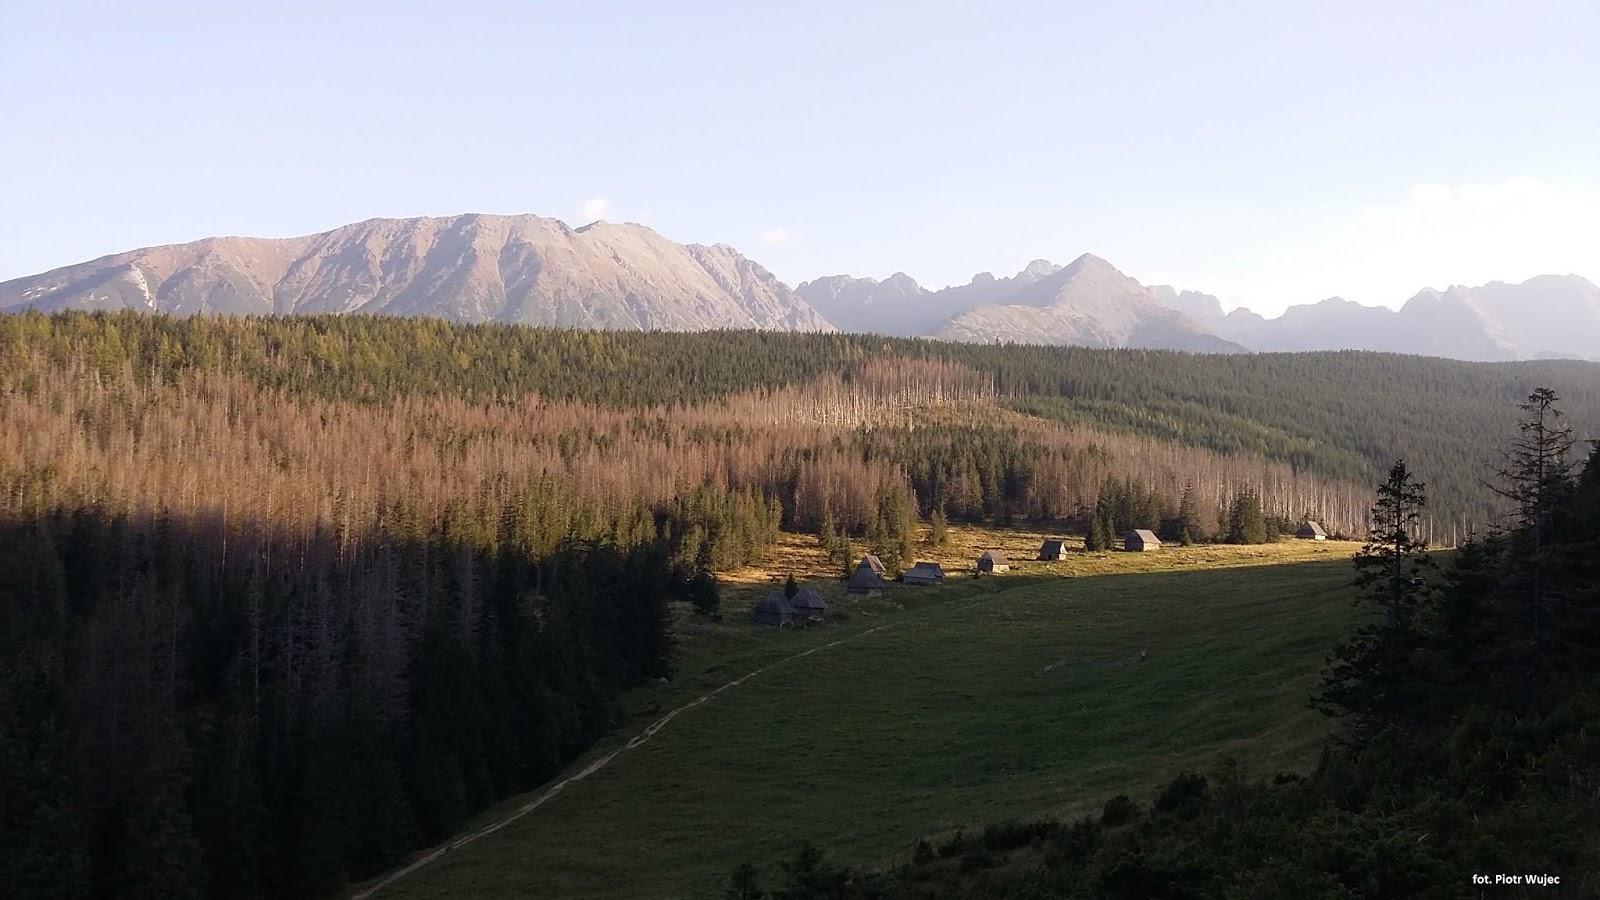 92d34c8b72f7e6 Szukając miejsca gdzie możecie cofnąć czas, wystarczy w Tatrach wejść góra  2 godziny od Zakopanego przenosząc się do krainy szałasów z XIX w. (fot. 1).